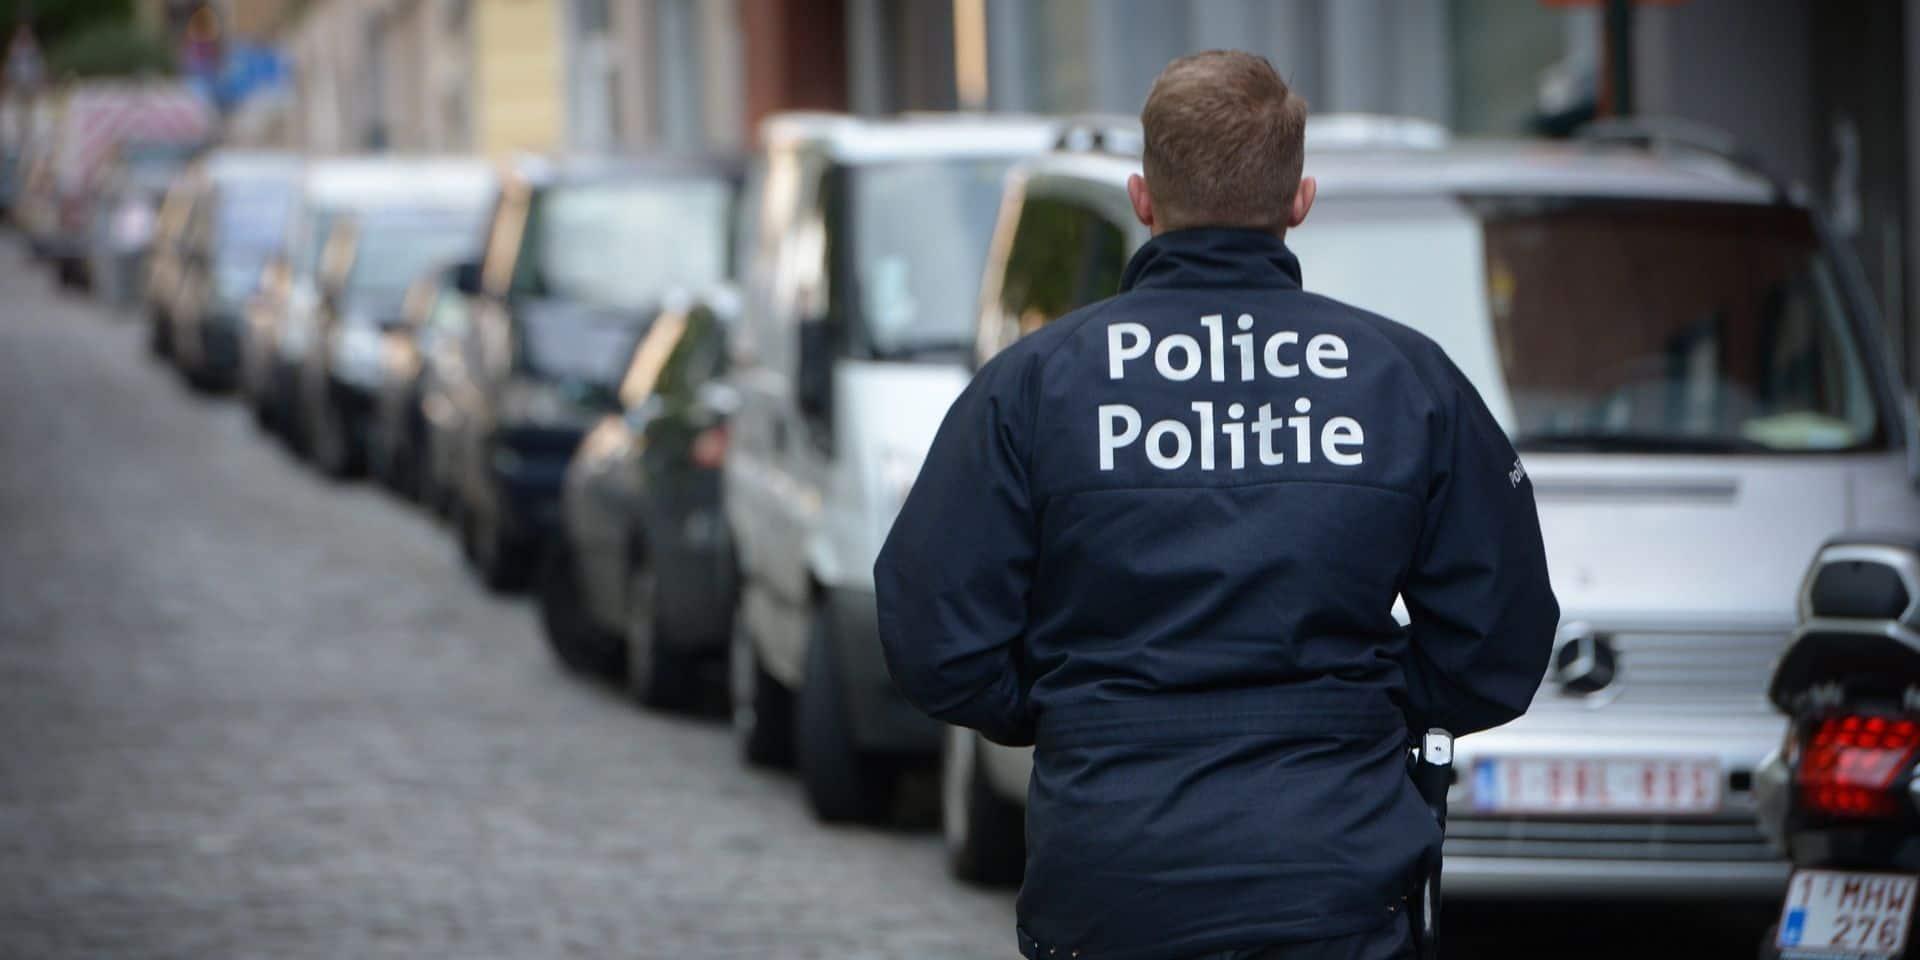 Racisme et violence au sein de la police belge: un rapport montre des défaillances